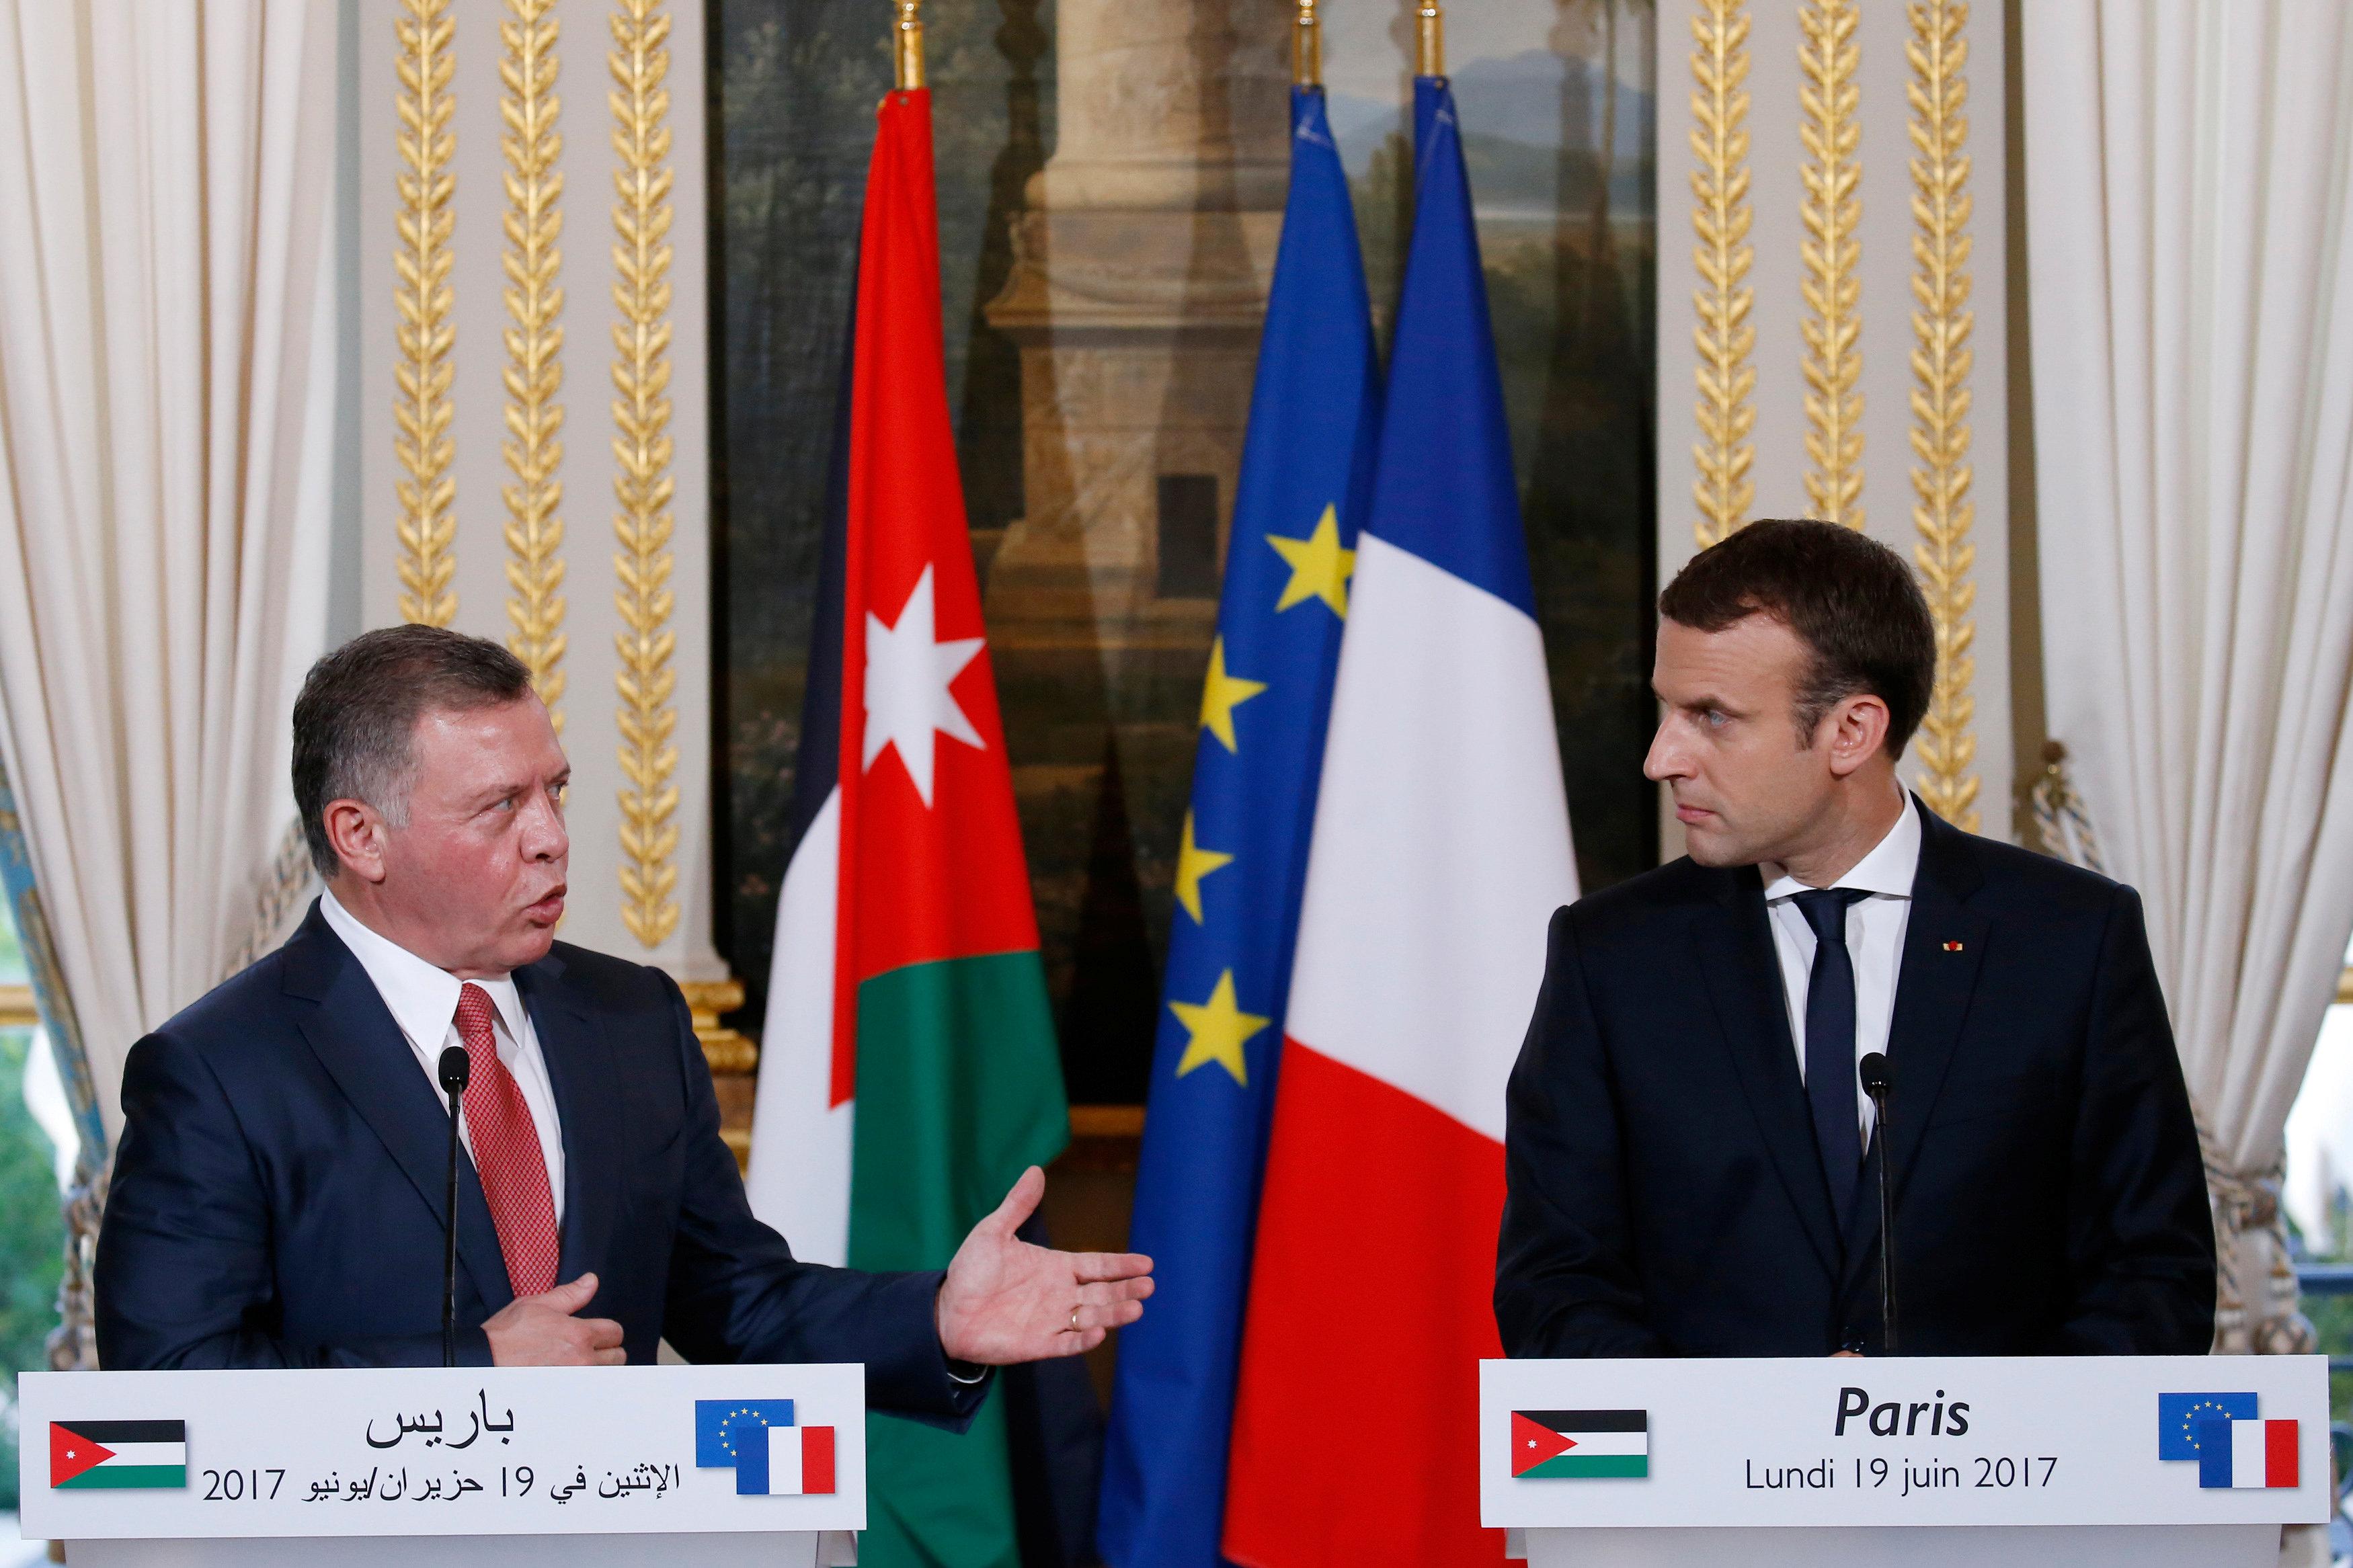 مؤتمر مشترك بين ملك الأردن ورئيس فرنسا